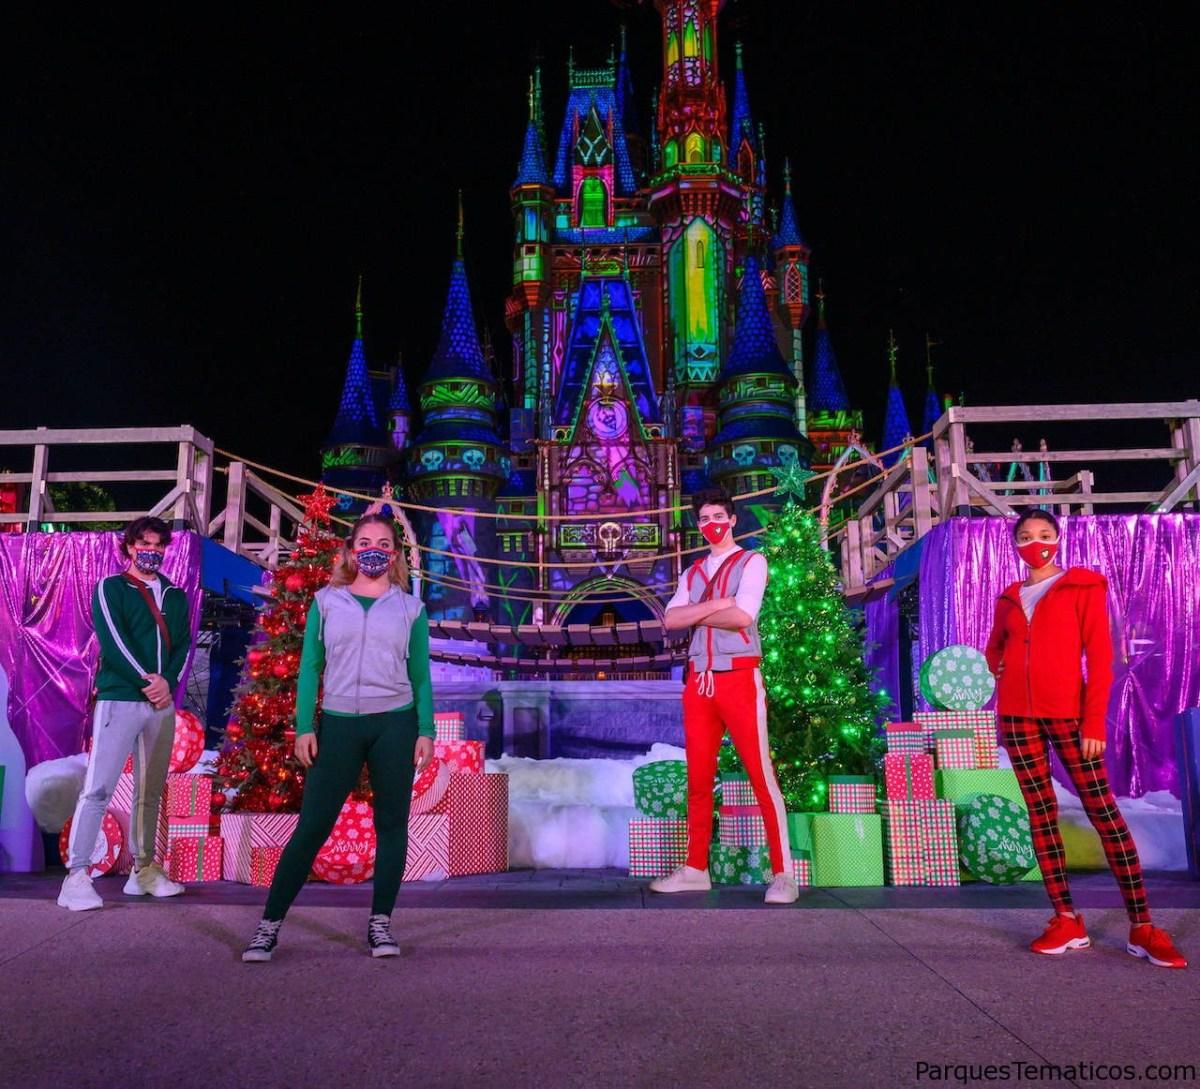 Walt Disney World ayuda a iluminar a los niños y regala The World Village en esta navidad